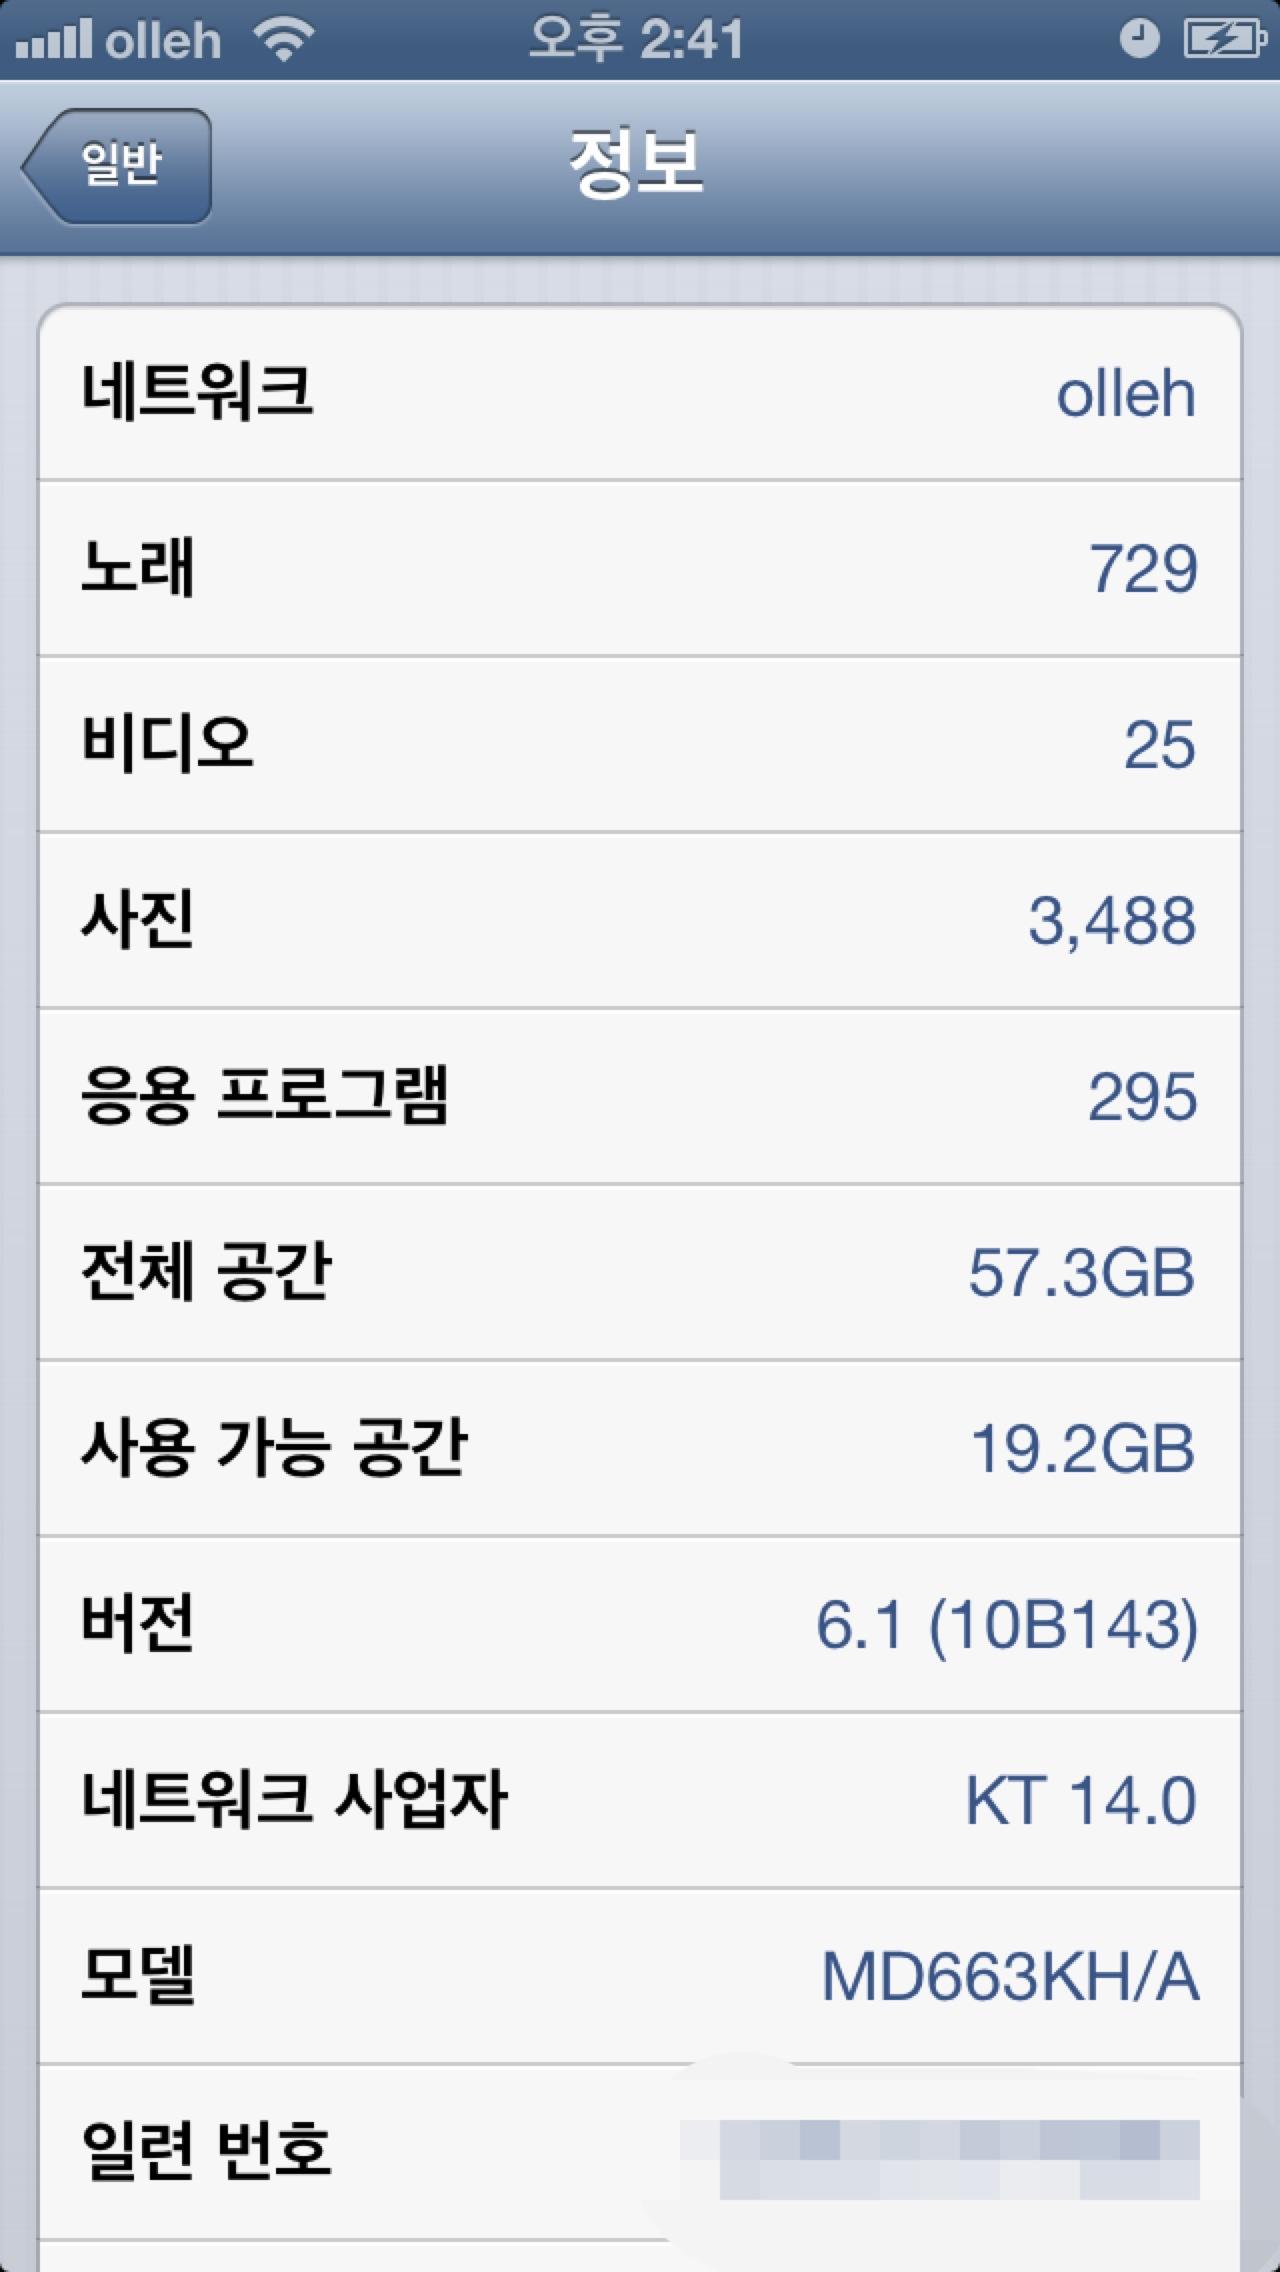 iPhon5 iOS 6.1 Update